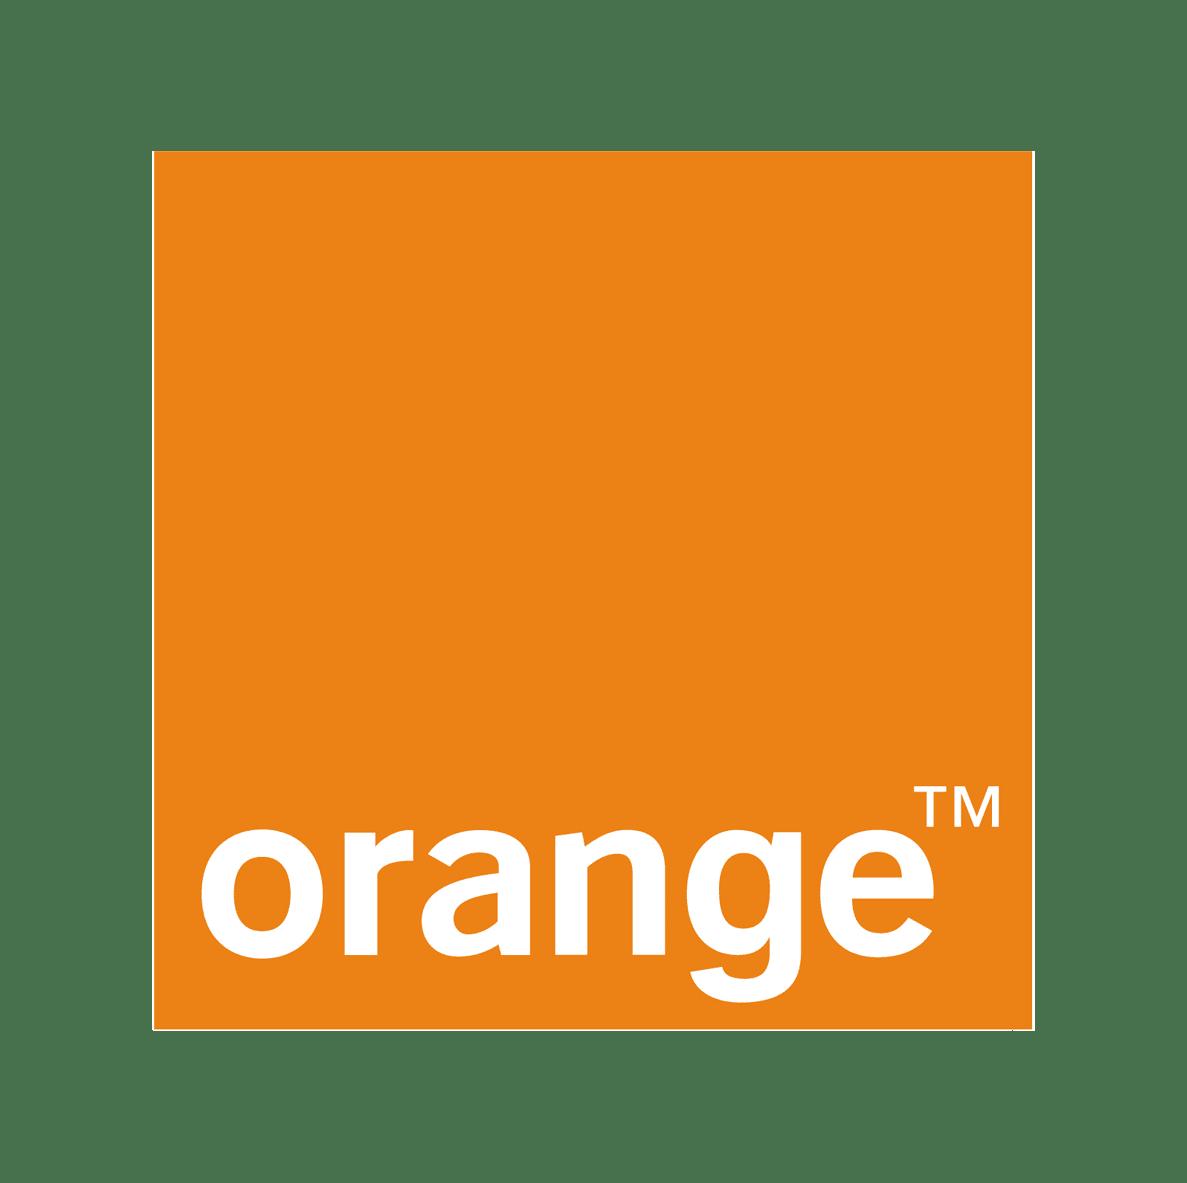 orange-ok